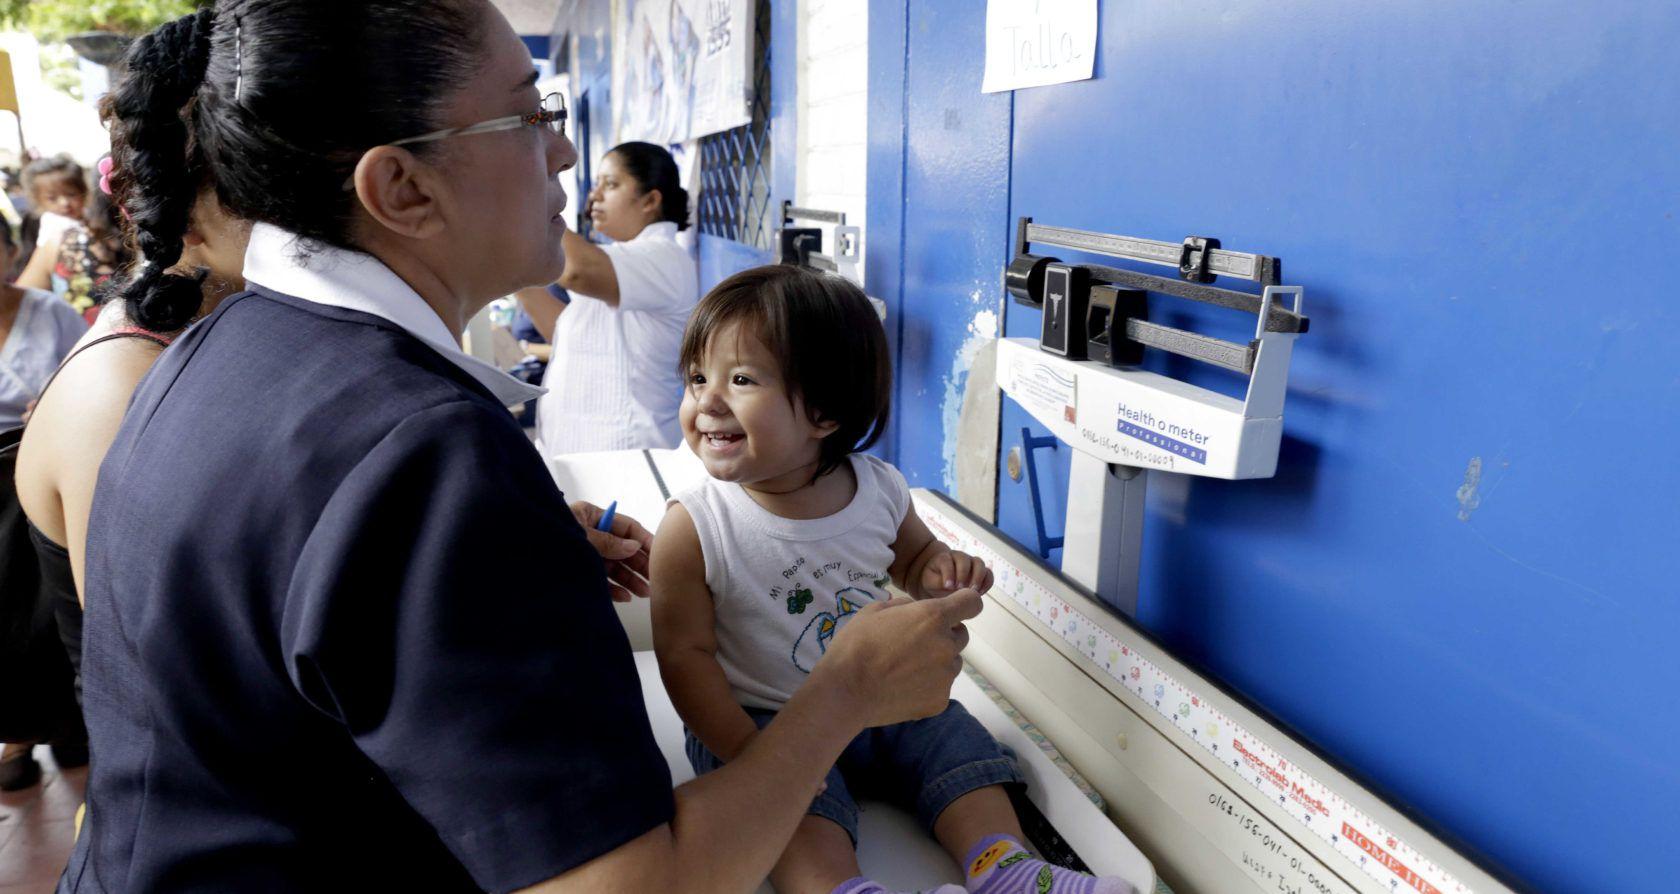 Opinie: 'Gezondheid in handen van de gemeenschap'